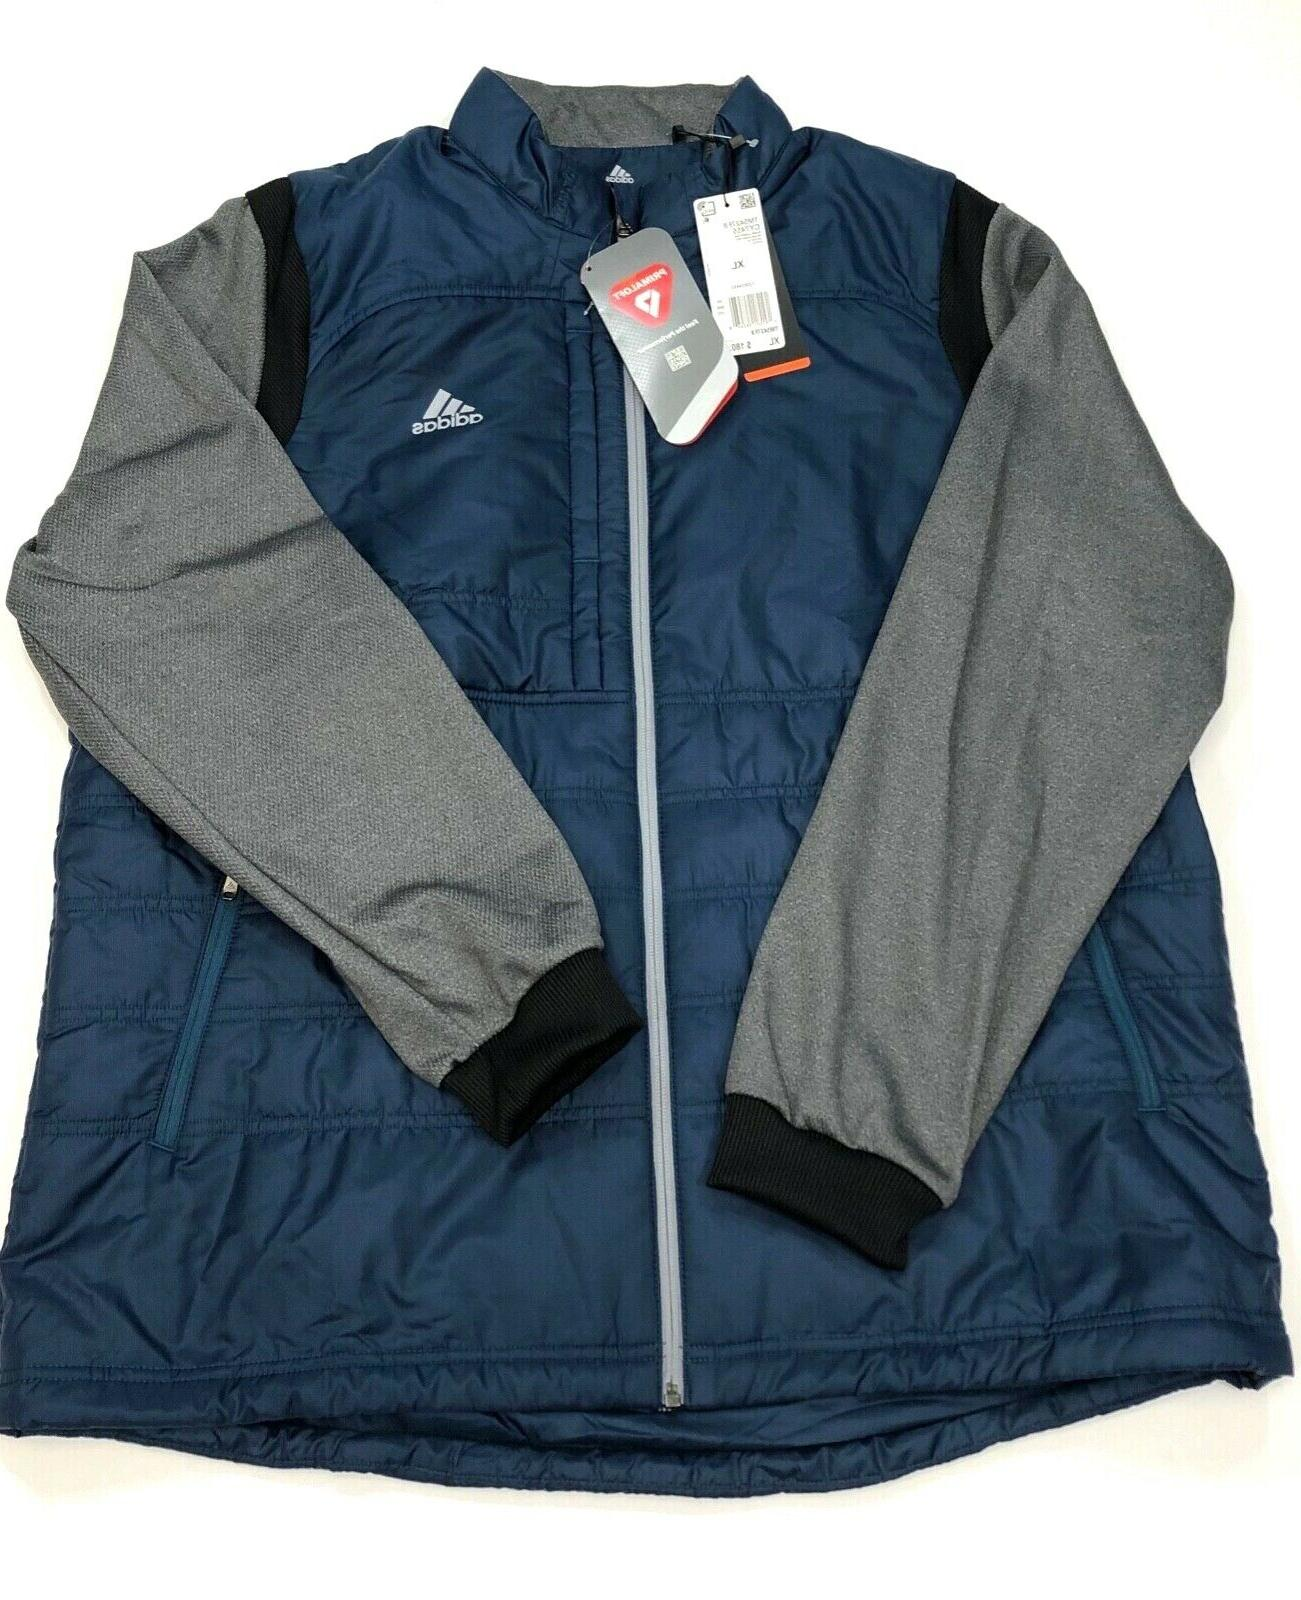 NWT Men Frostguard Jacket $180